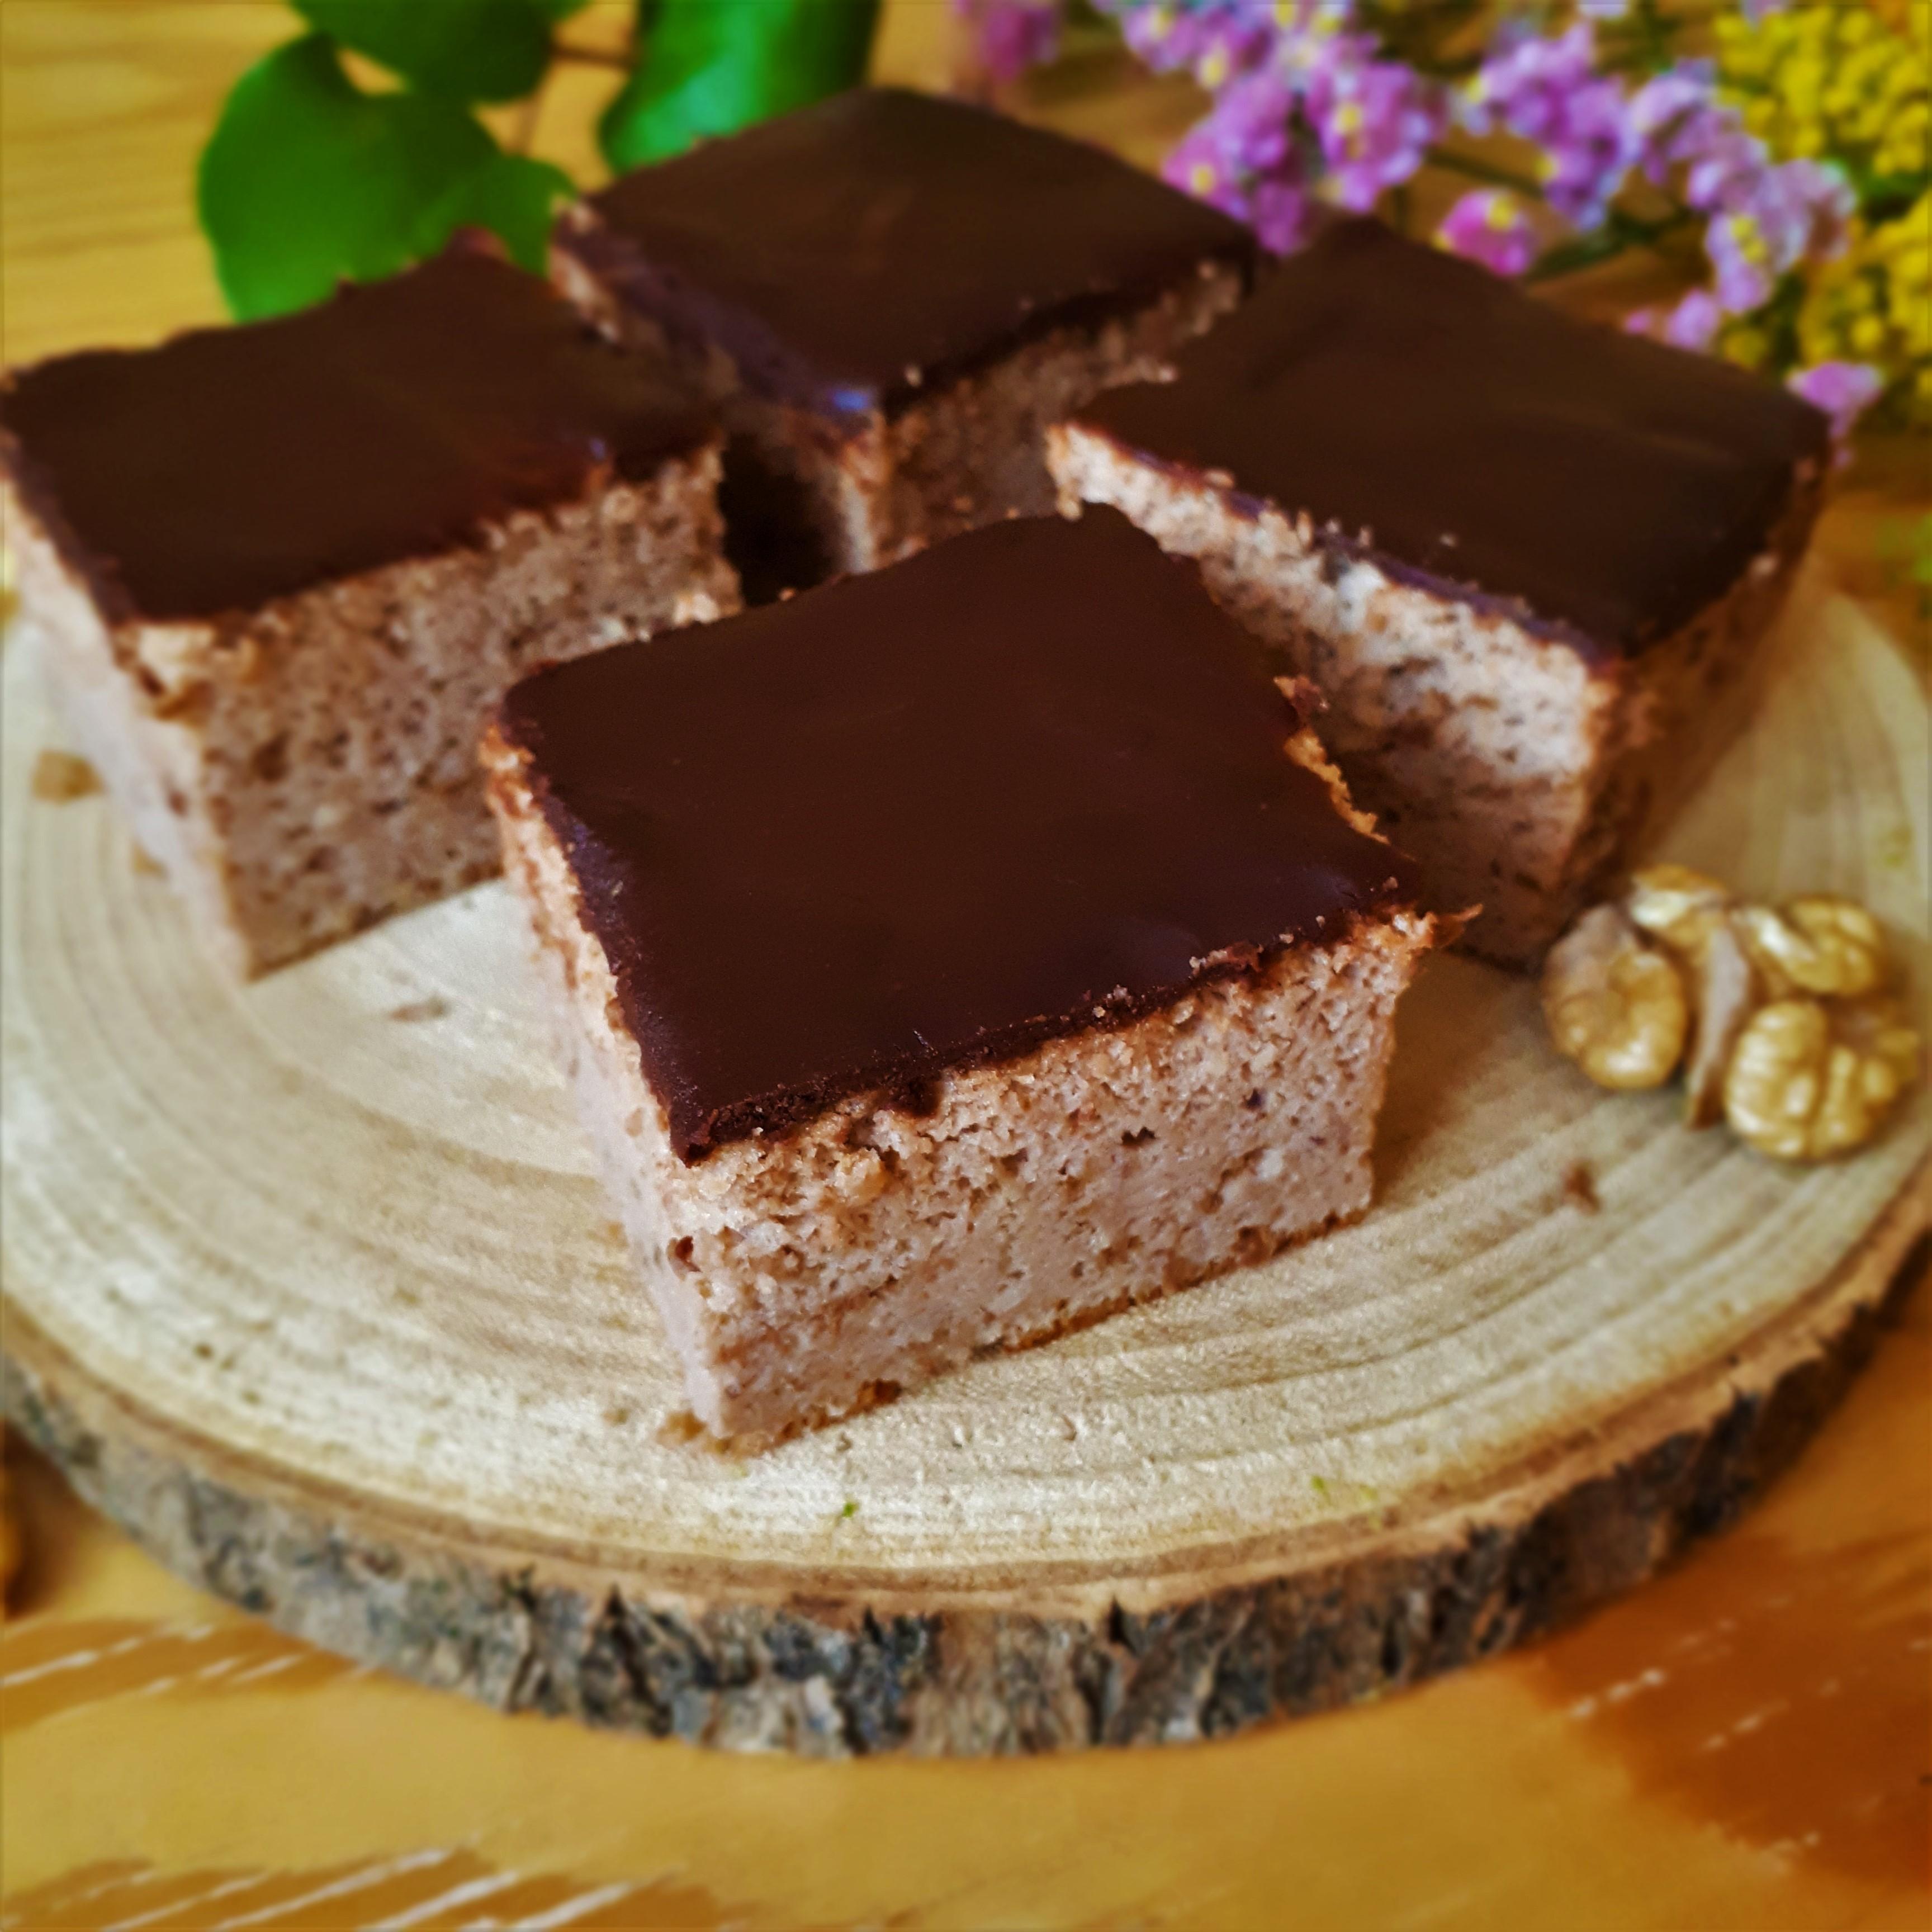 Štyri kocky gaštanového koláča s čokoládovou polevou na drevenej doske vlašský orech v pozadí lúčne kvety na drevenom stole